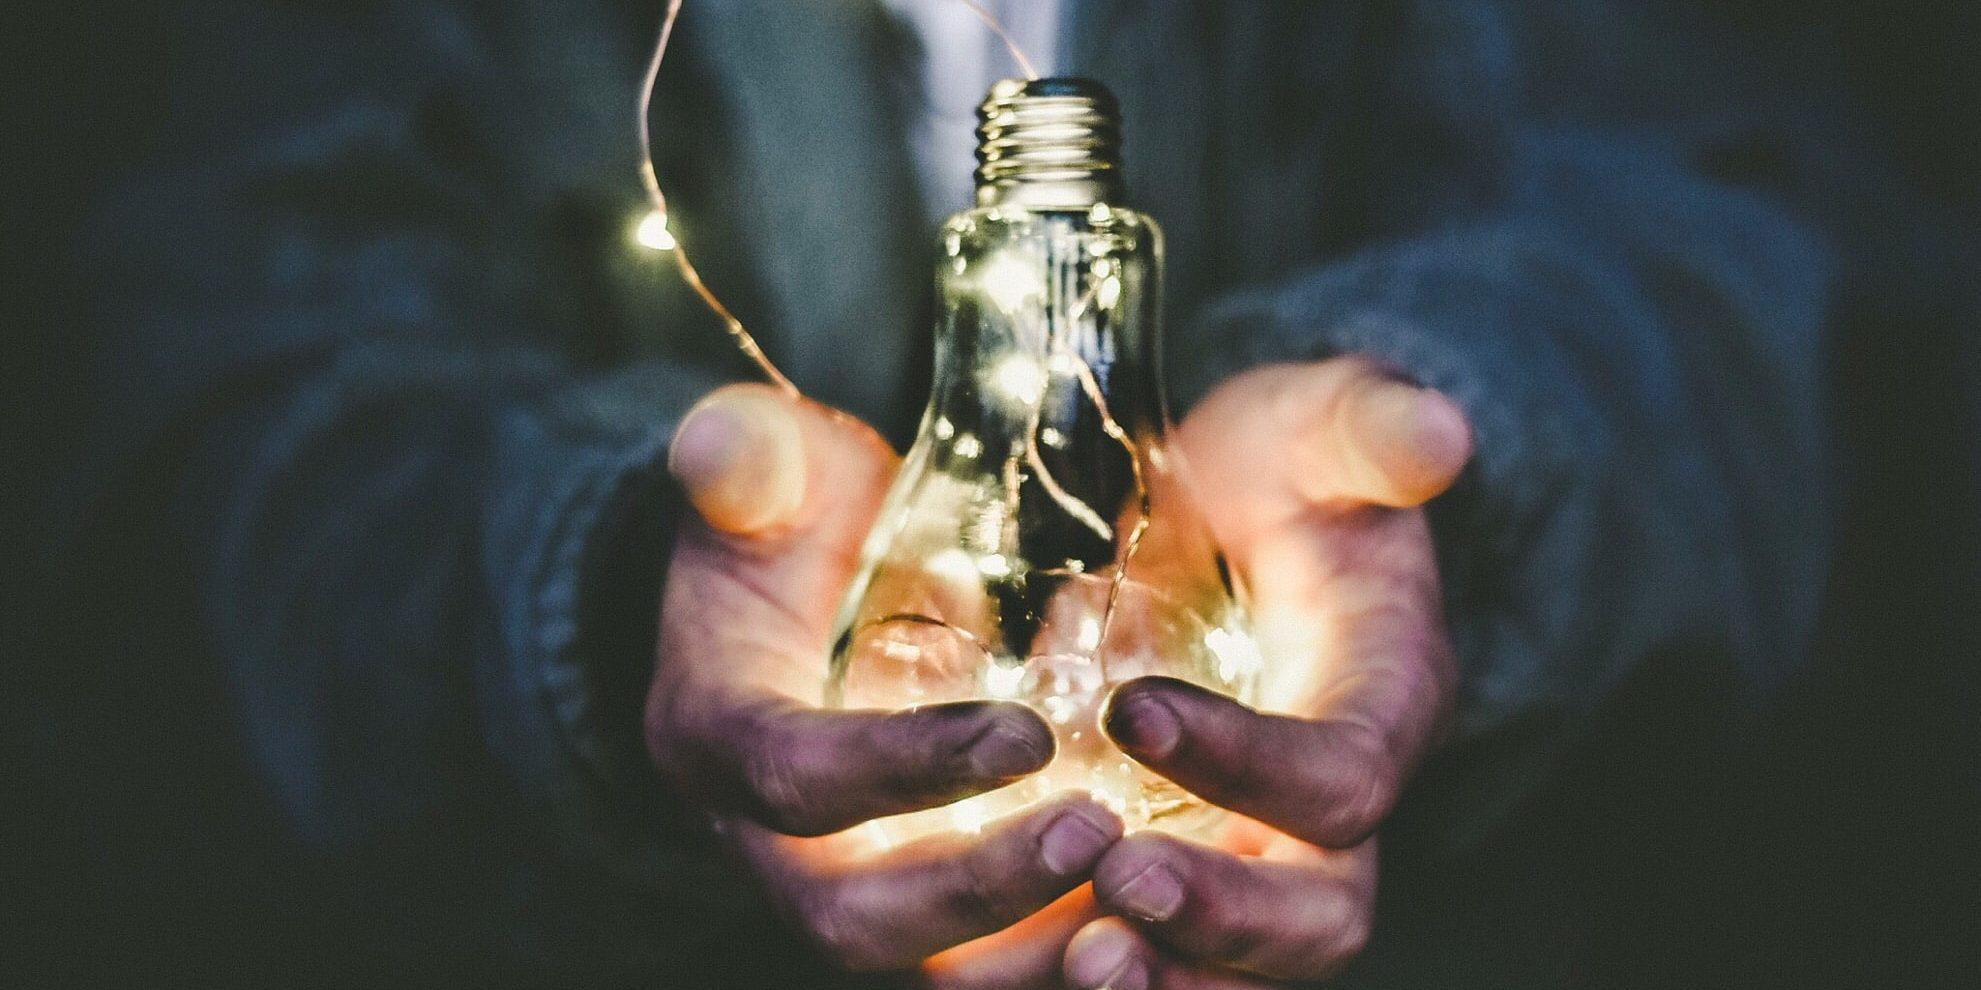 Ученые разработали приложение, прогнозирующее цены на электроэнергию